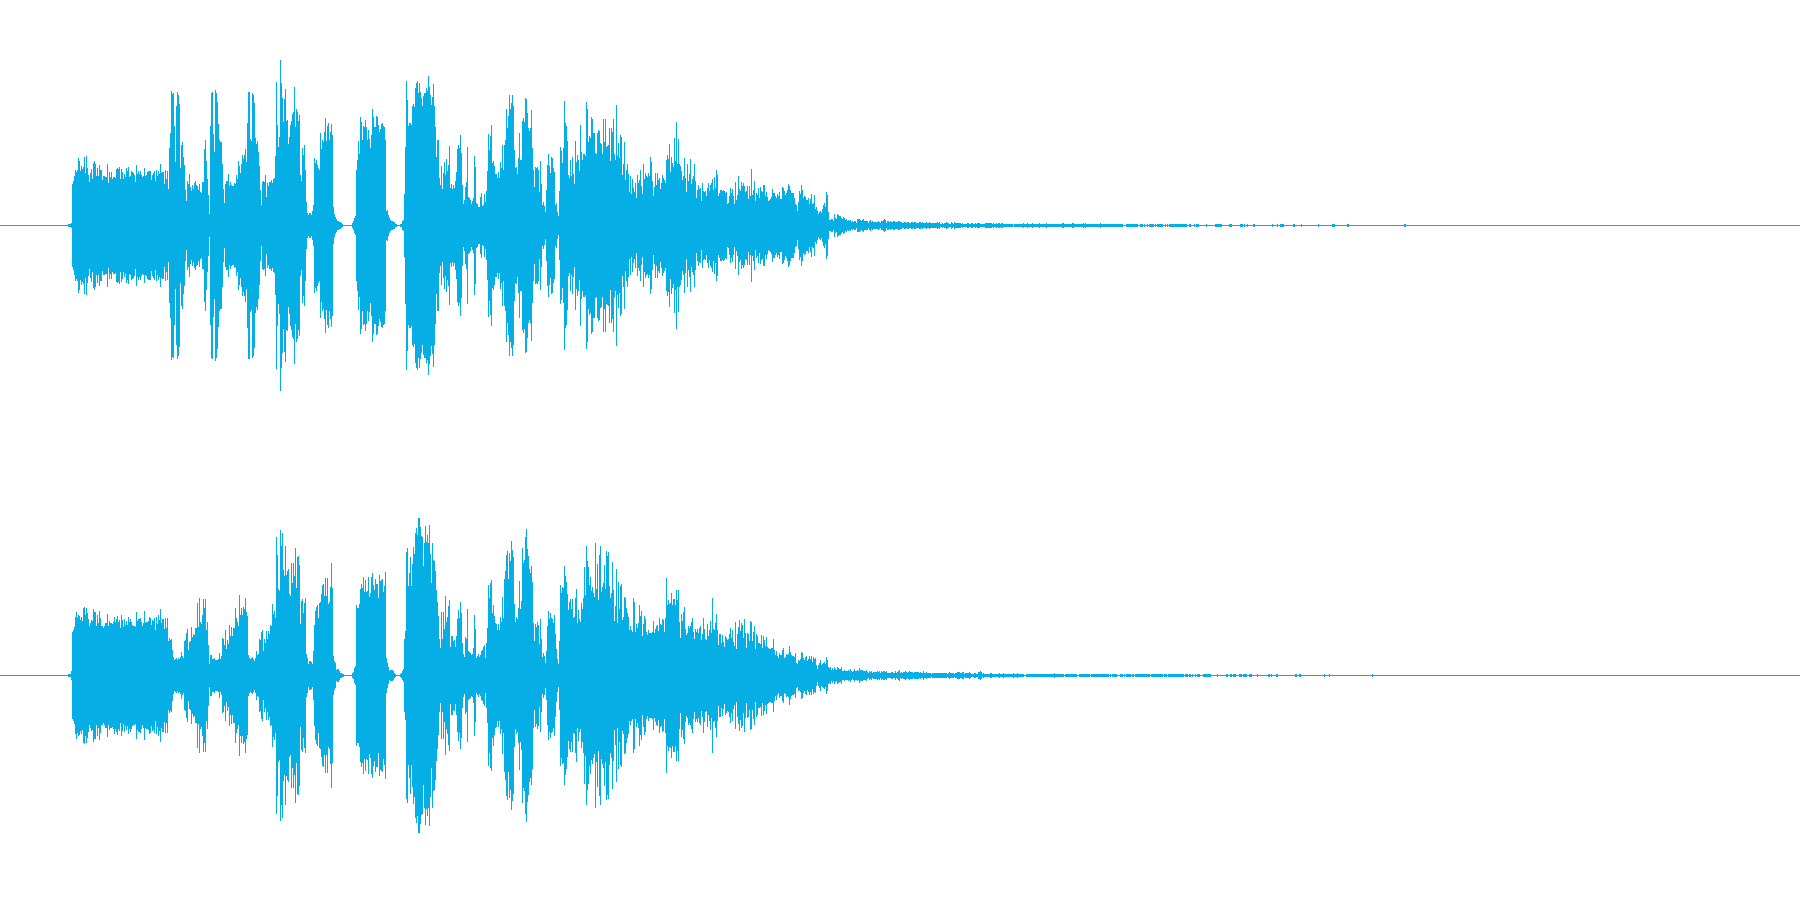 FMジングル制作にピッタリな効果音の再生済みの波形